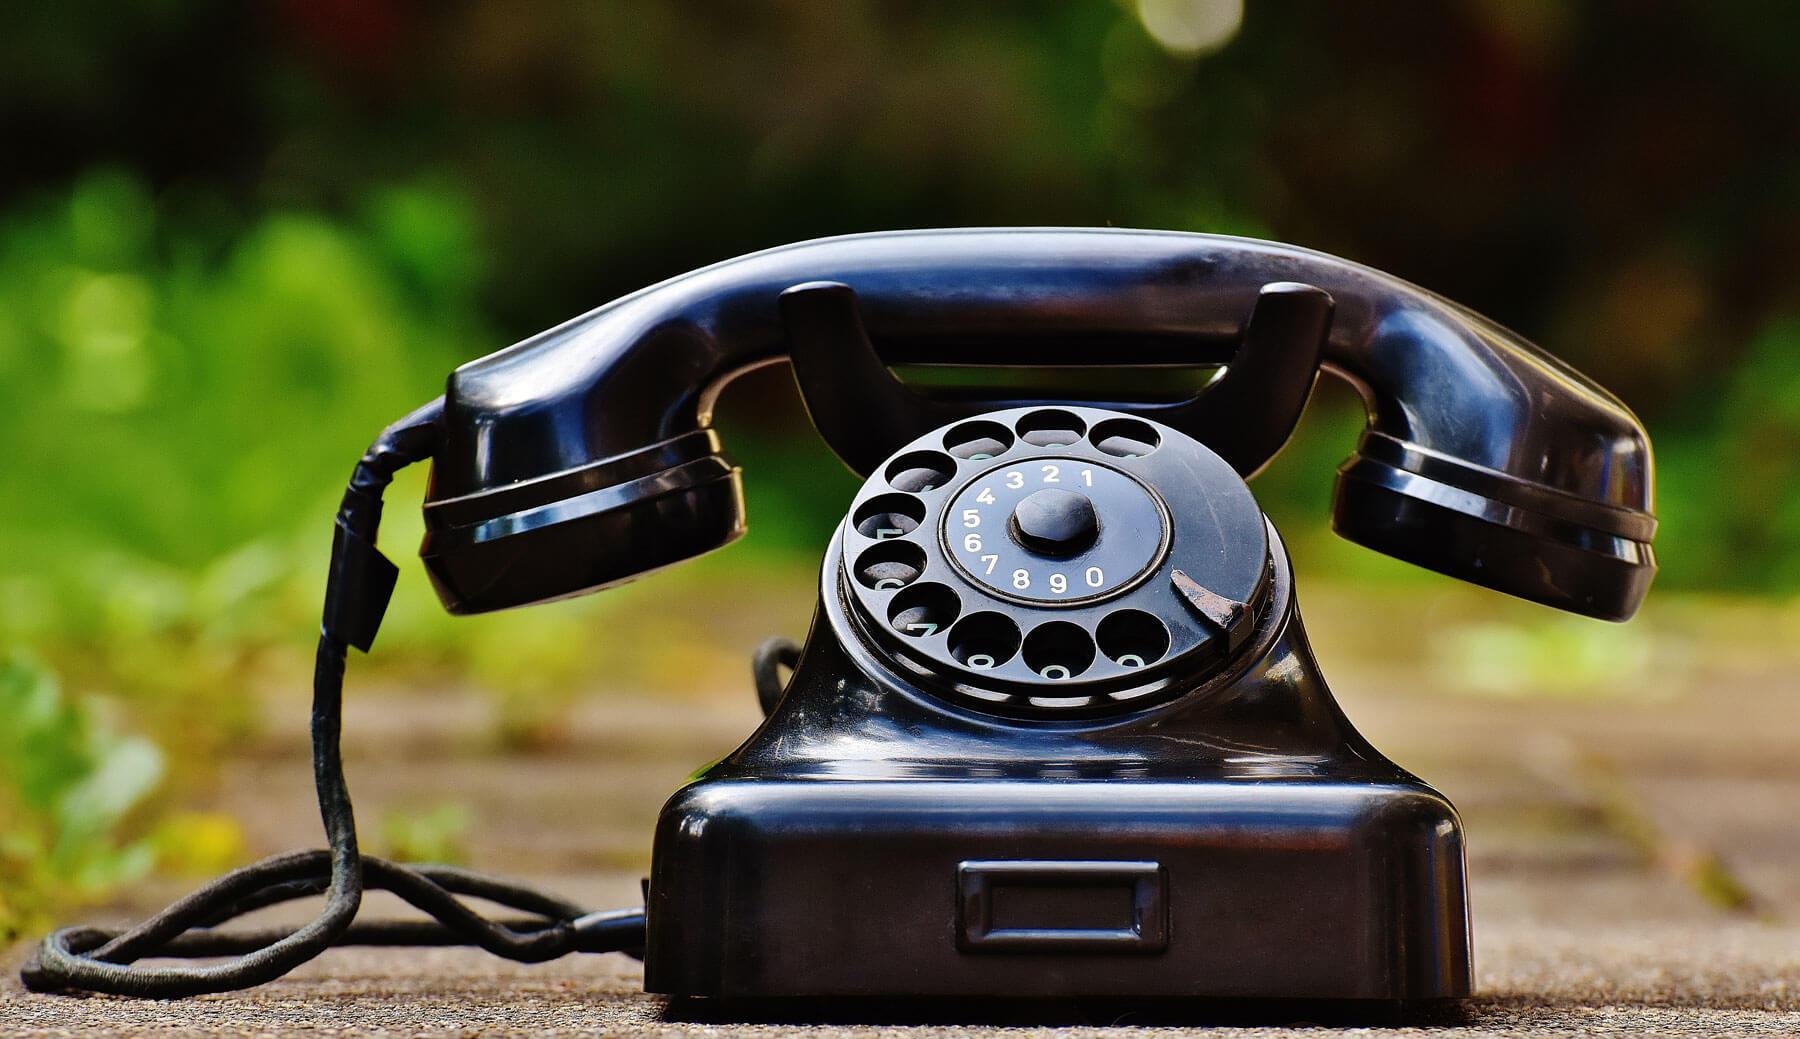 Vers la fin du téléphone fixe en France ?